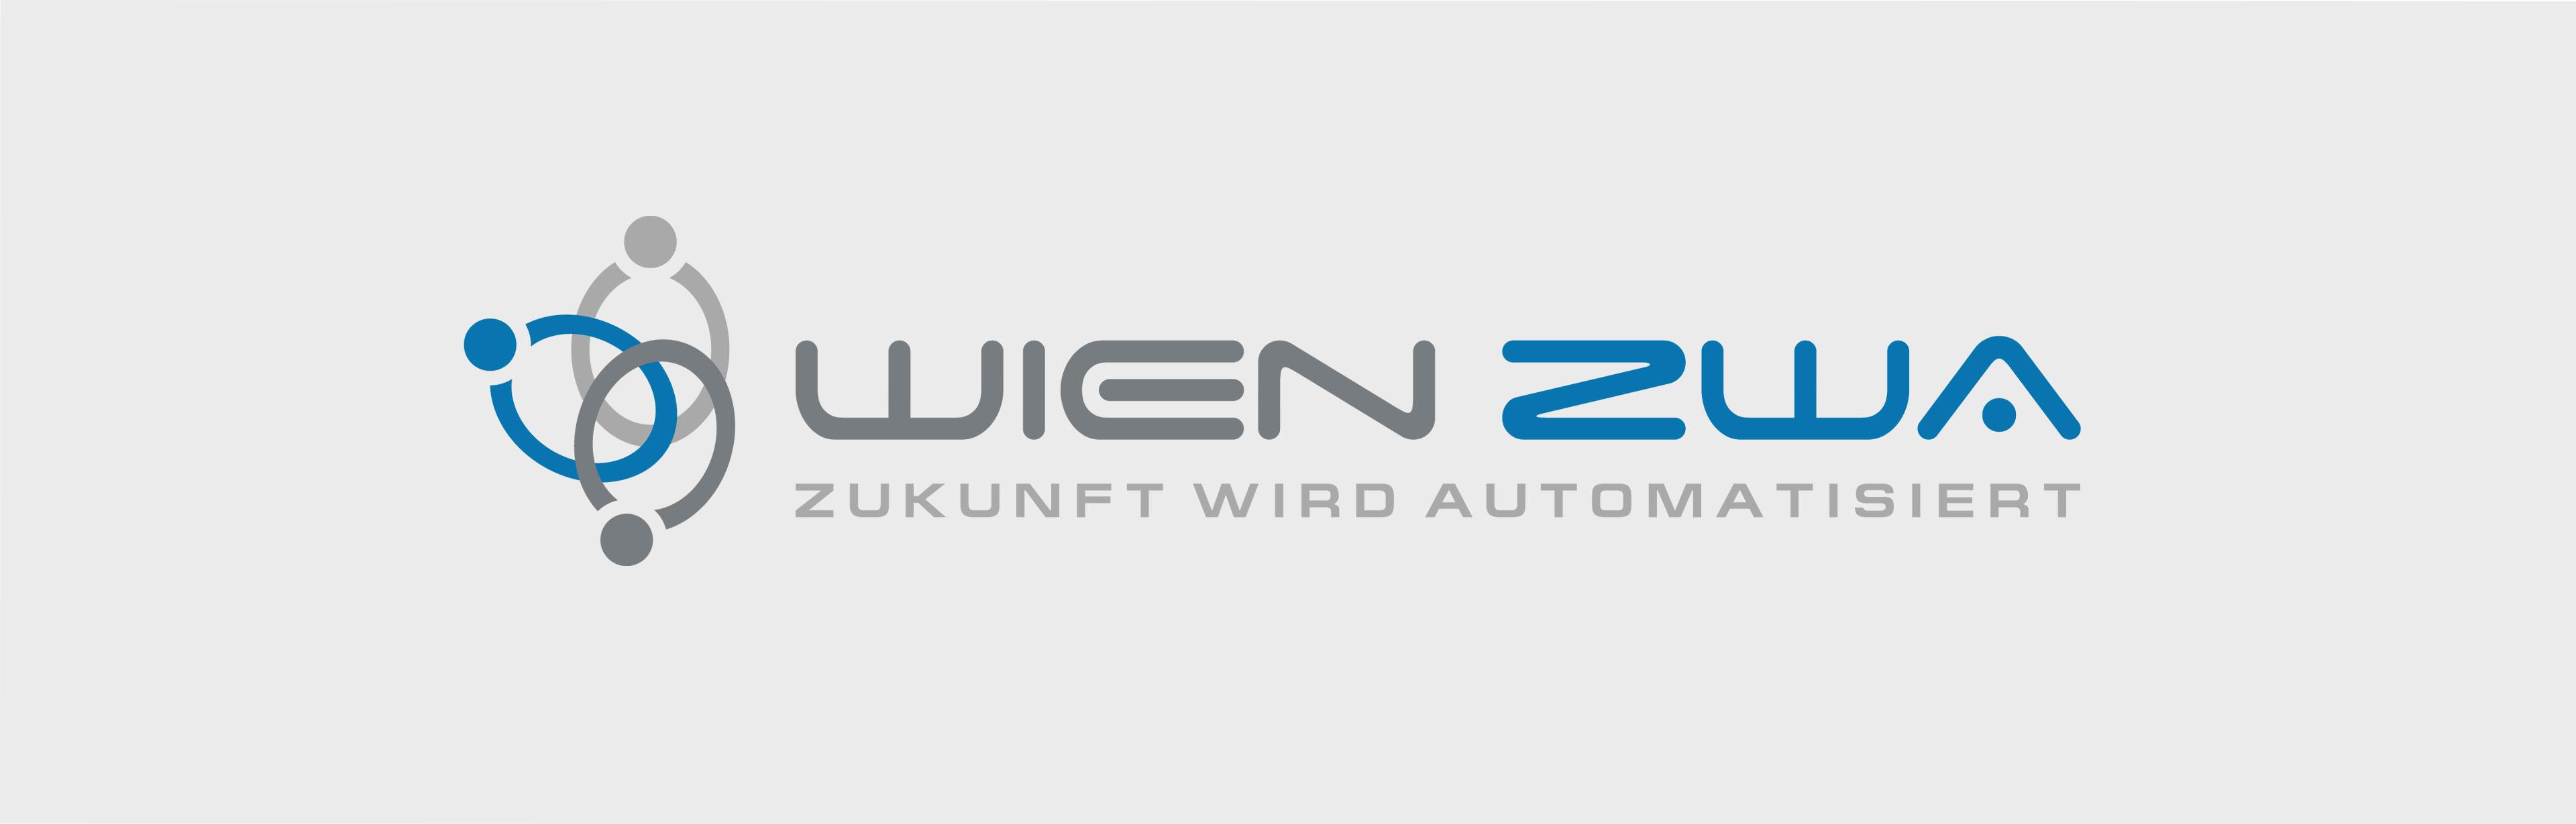 logo WienZWA